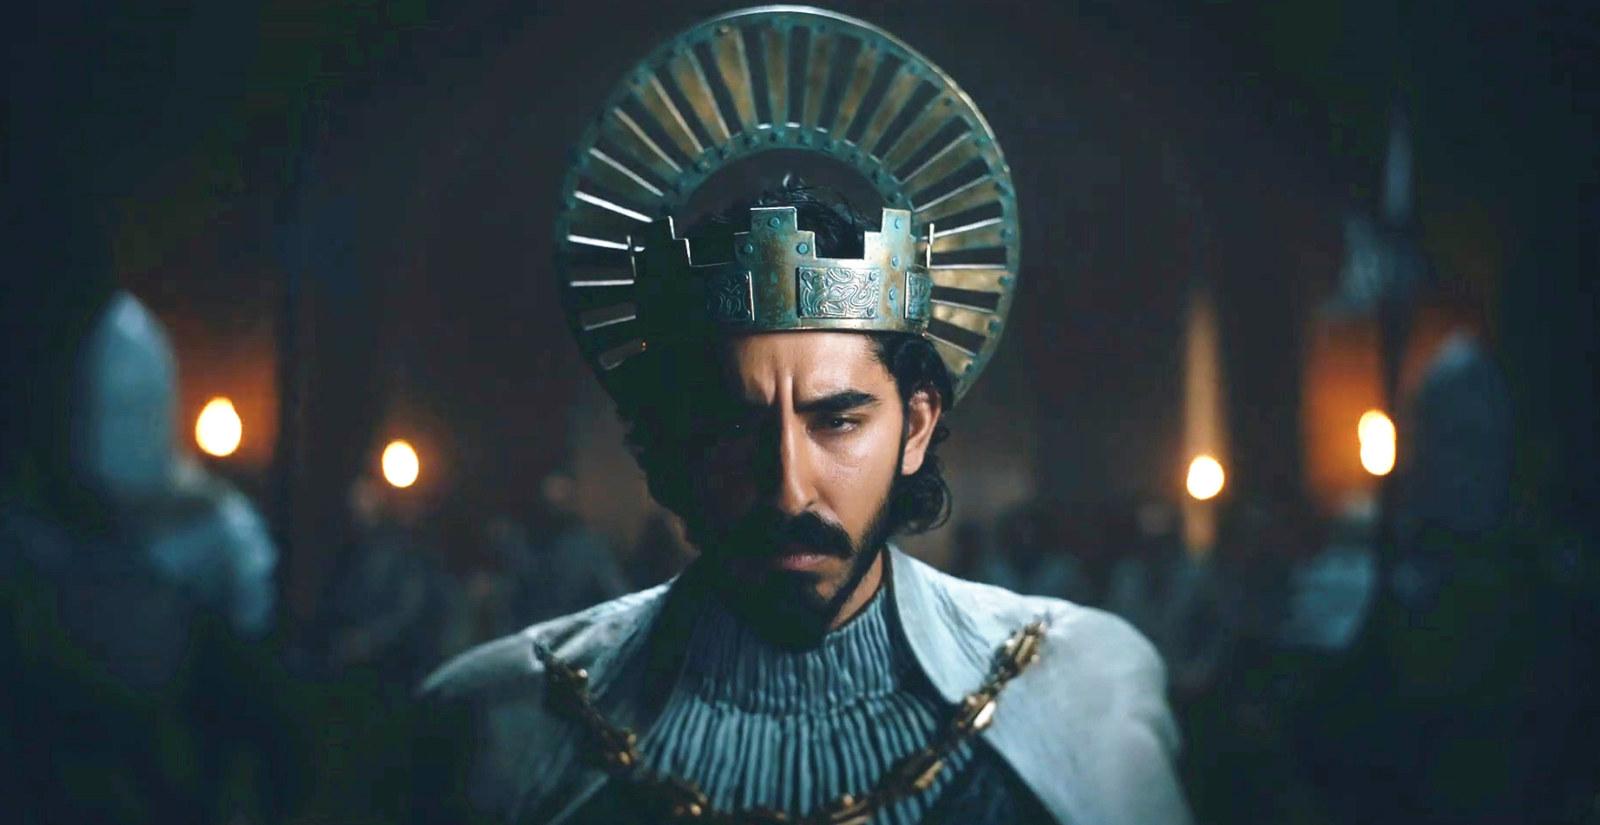 不一样的亚瑟王传说:《鬼魅浮生》导演新作《绿衣骑士》发布预告